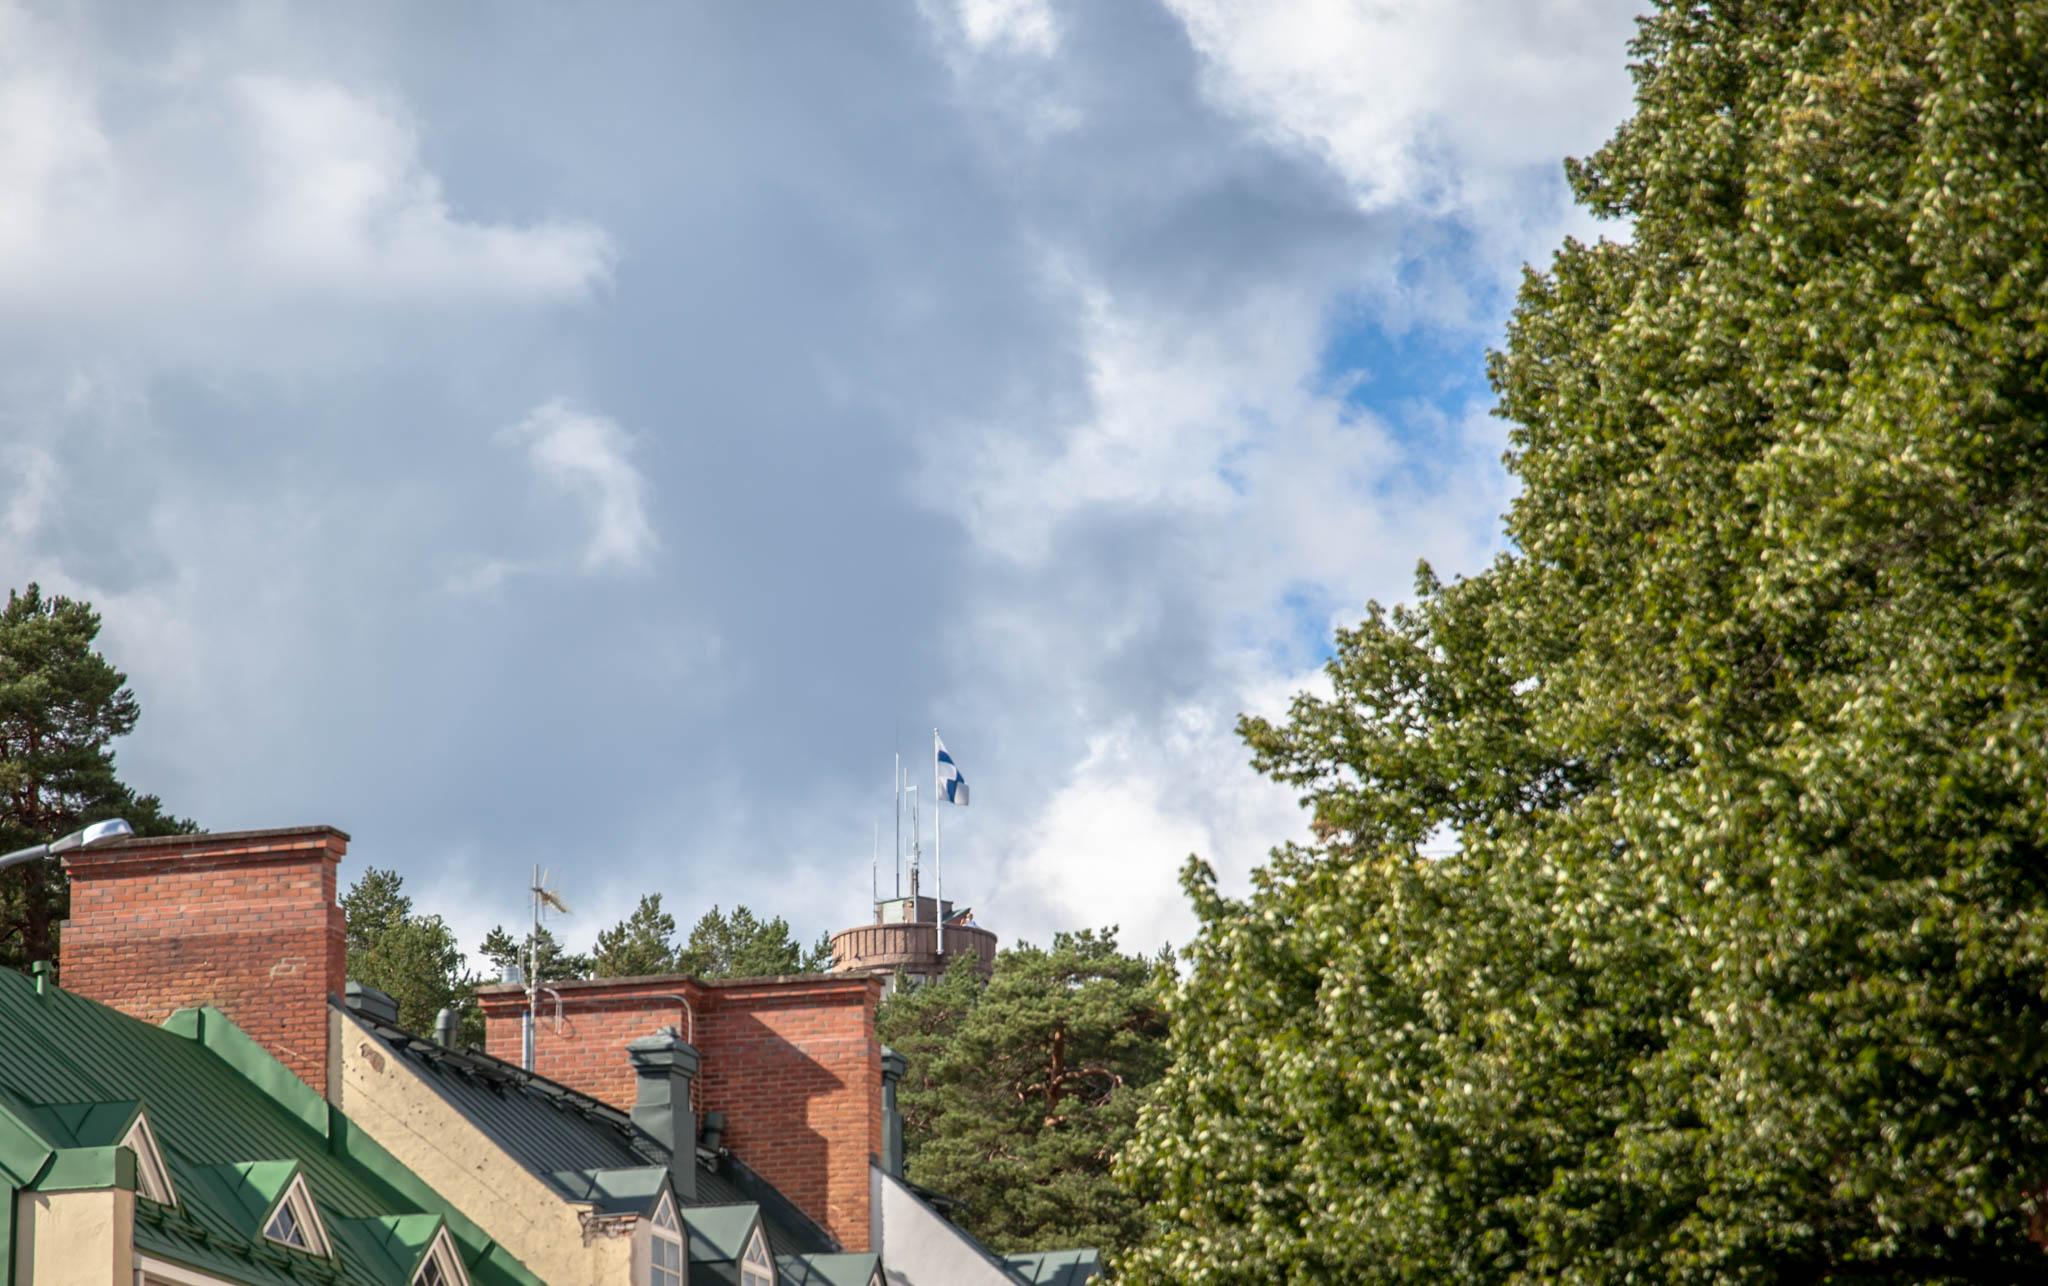 Pyynikin näkötorni Tampere